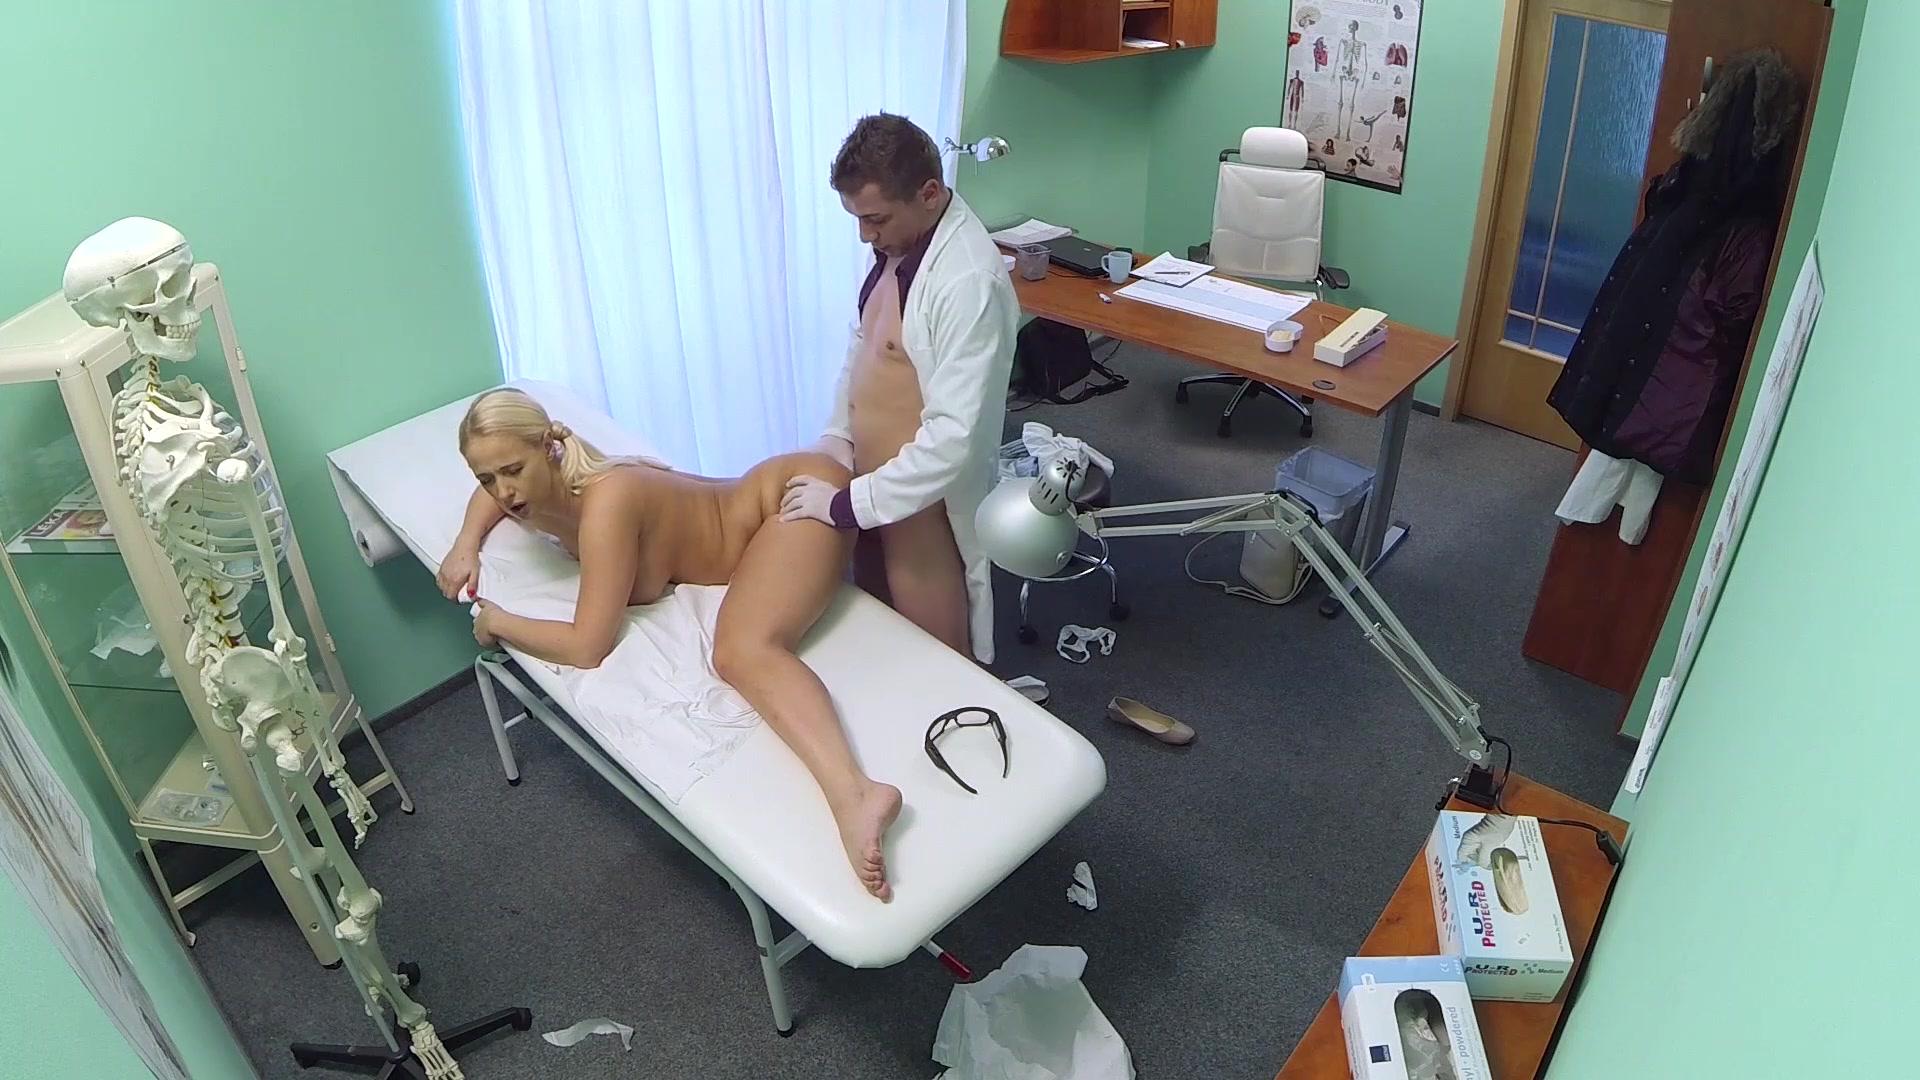 Смотреть fake hospital порно, FakeHospital. Смотреть порно бесплатно от SexoPedia! 11 фотография